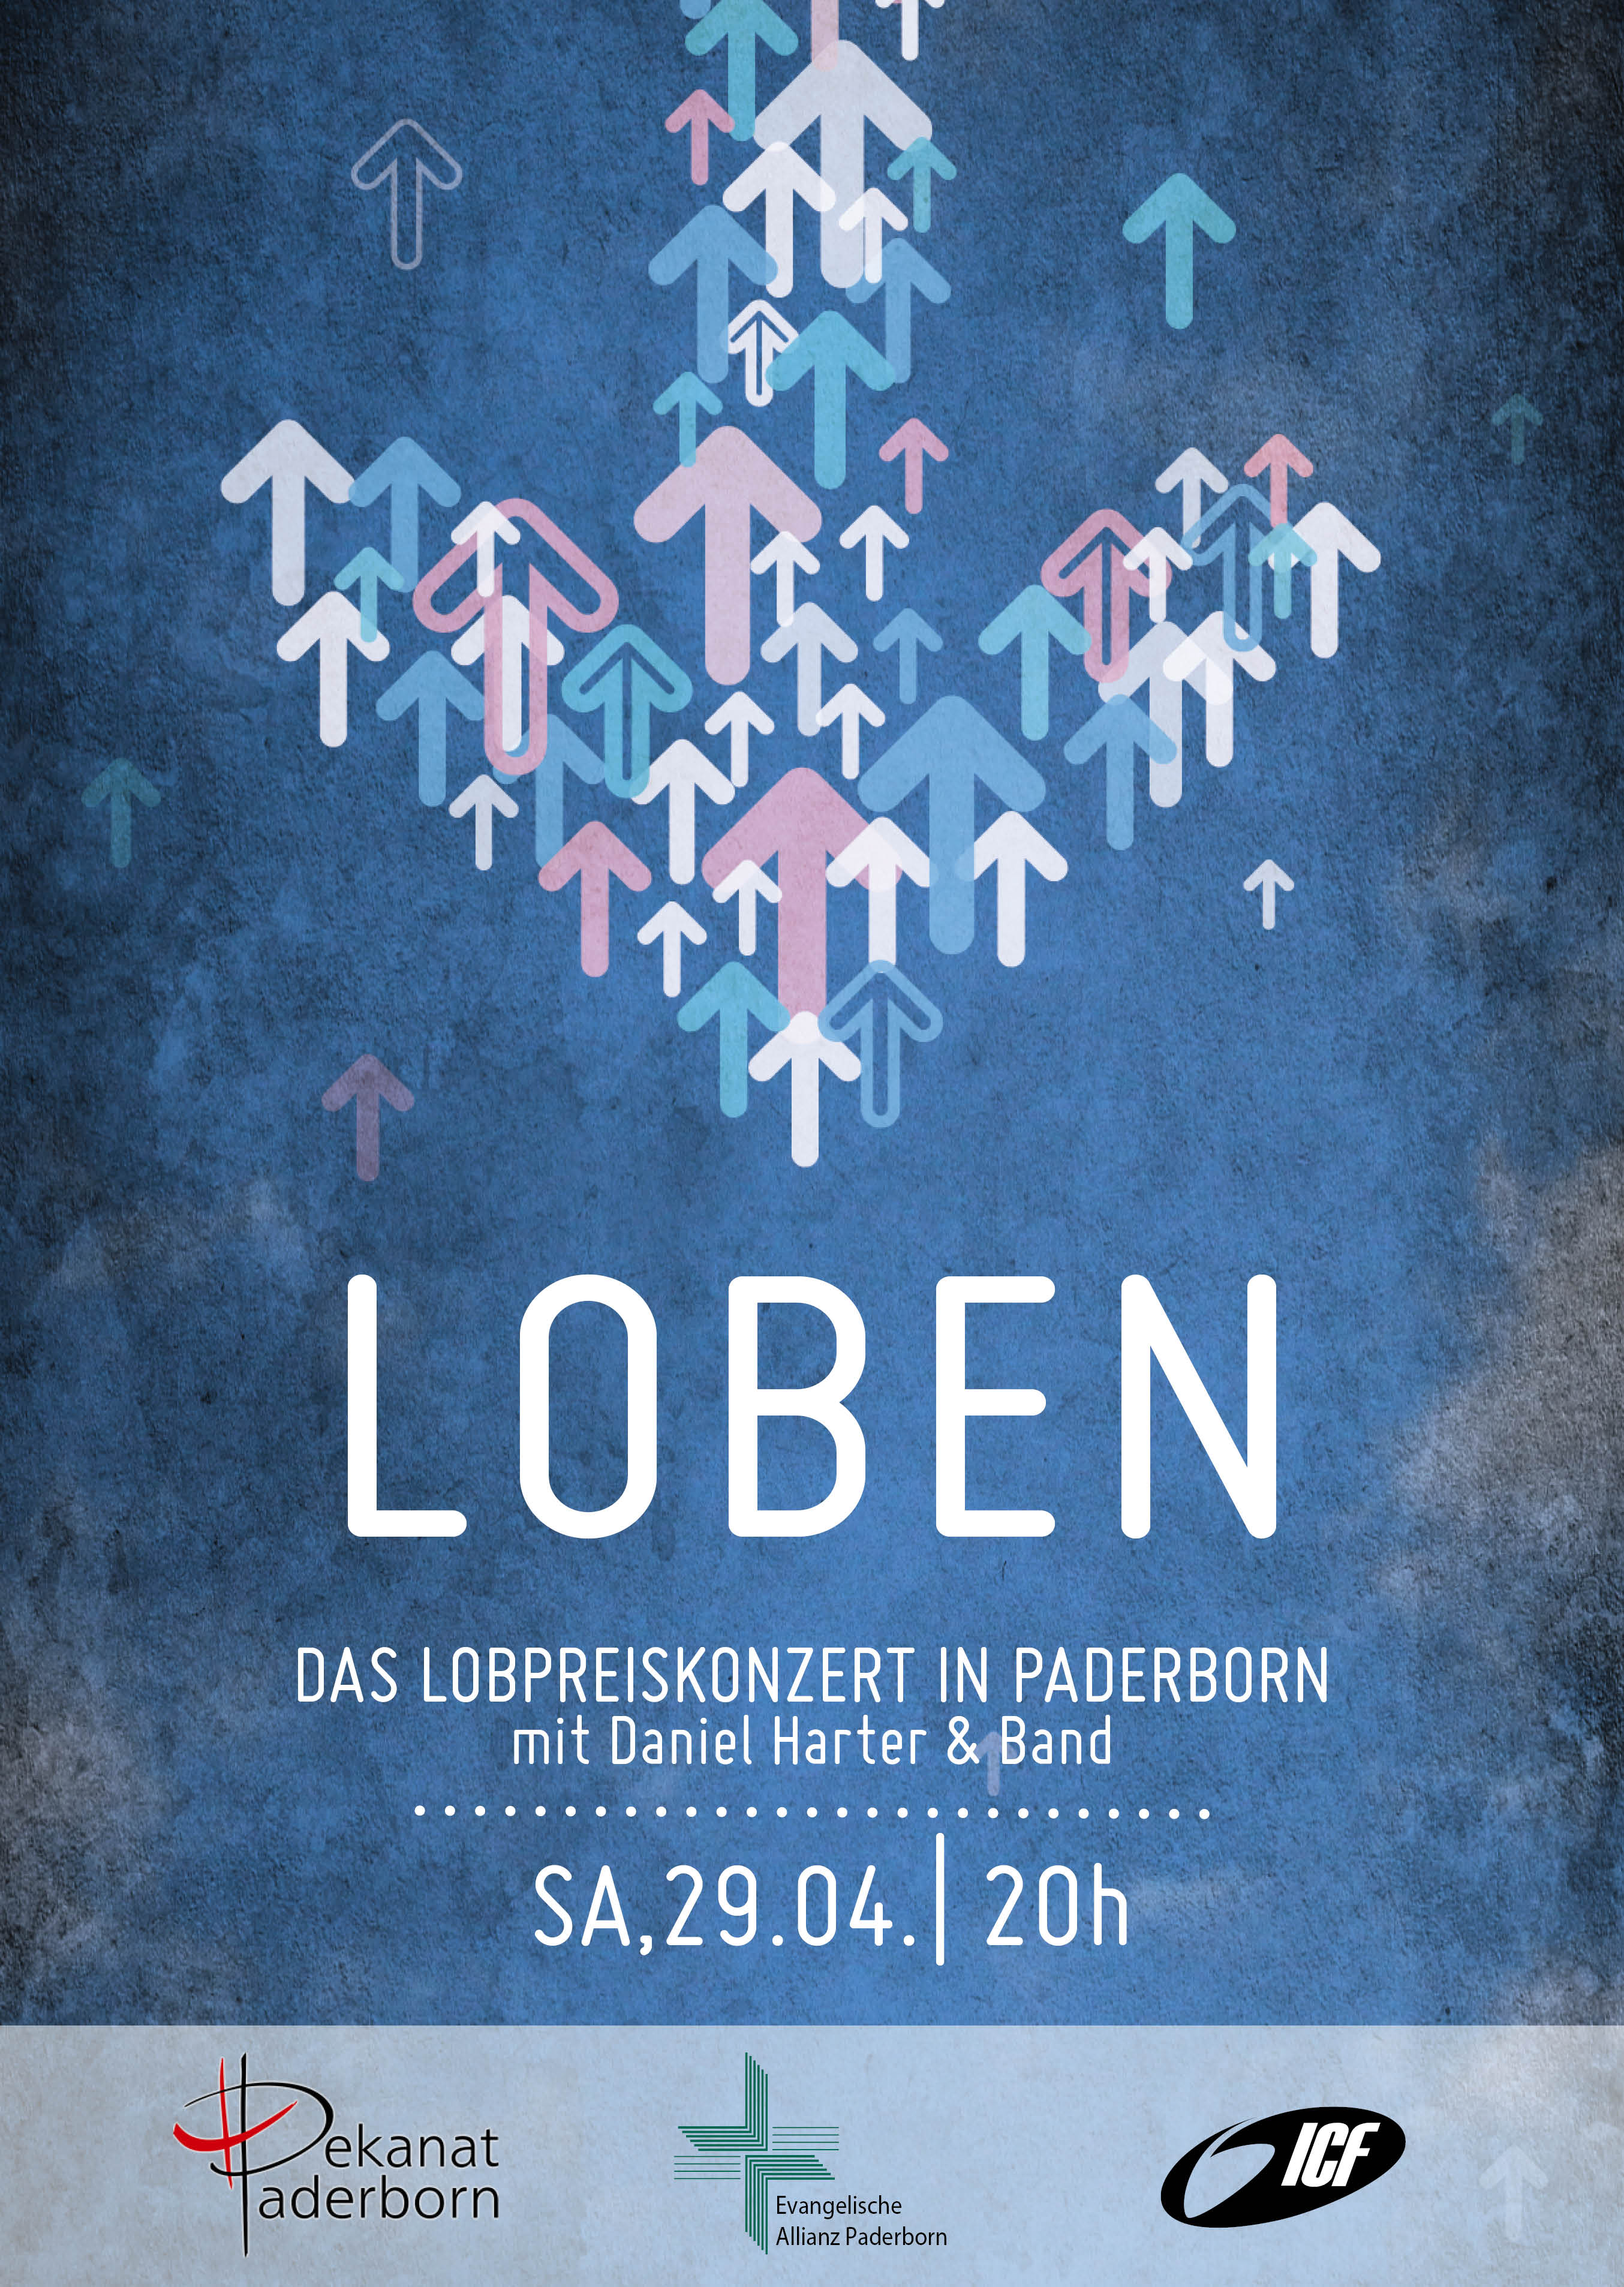 LOBEN - Das Lobpreiskonzert in Paderborn